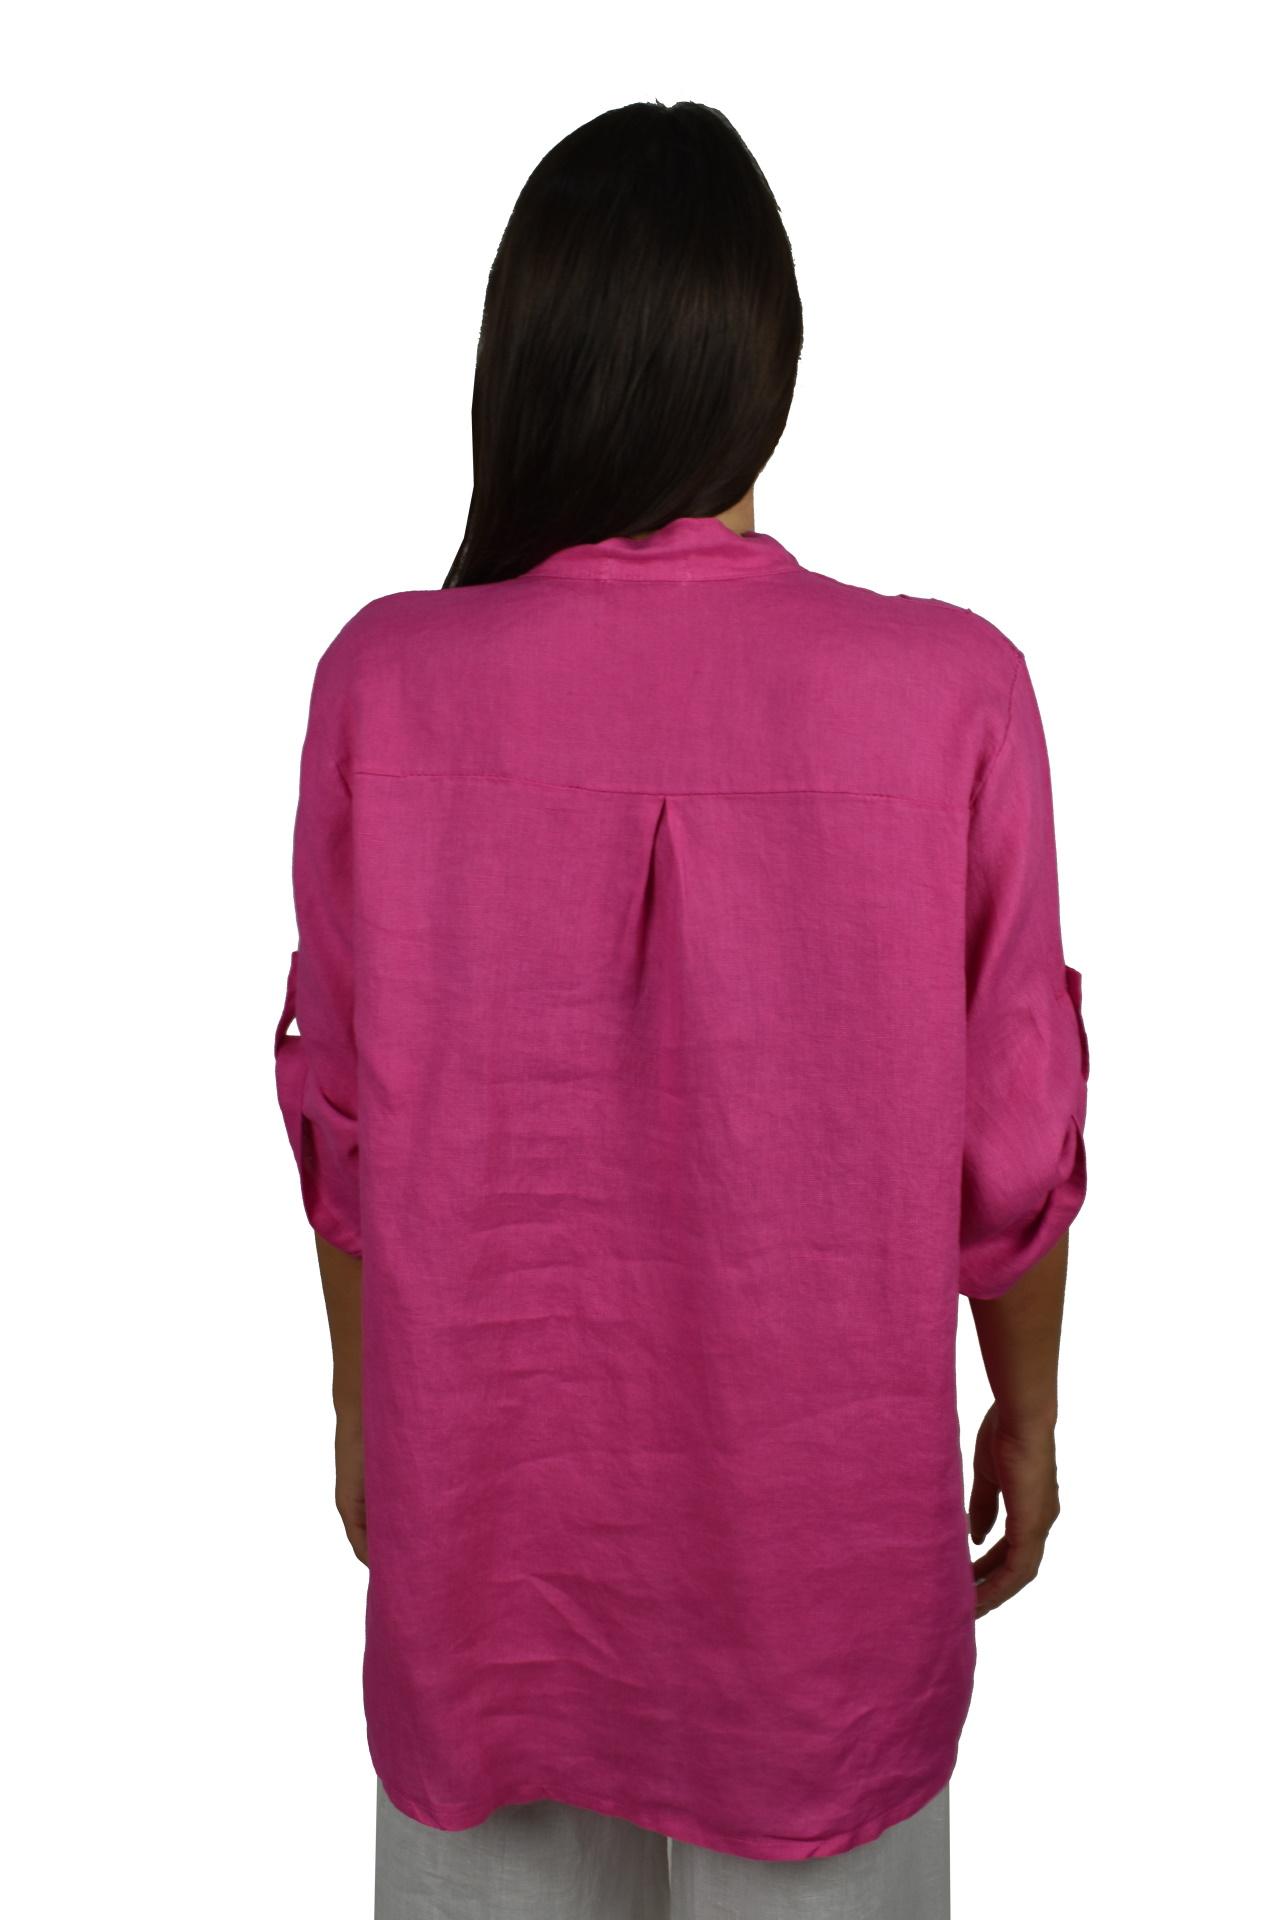 CAMMAXPE2101 FUCSIA CAMICIA DA DONNA MANICA 34 100 LINO 1 1stAmerican camicia manica 3/4 da donna 100% lino Made in Italy - vestito collo a y da spiaggia donna